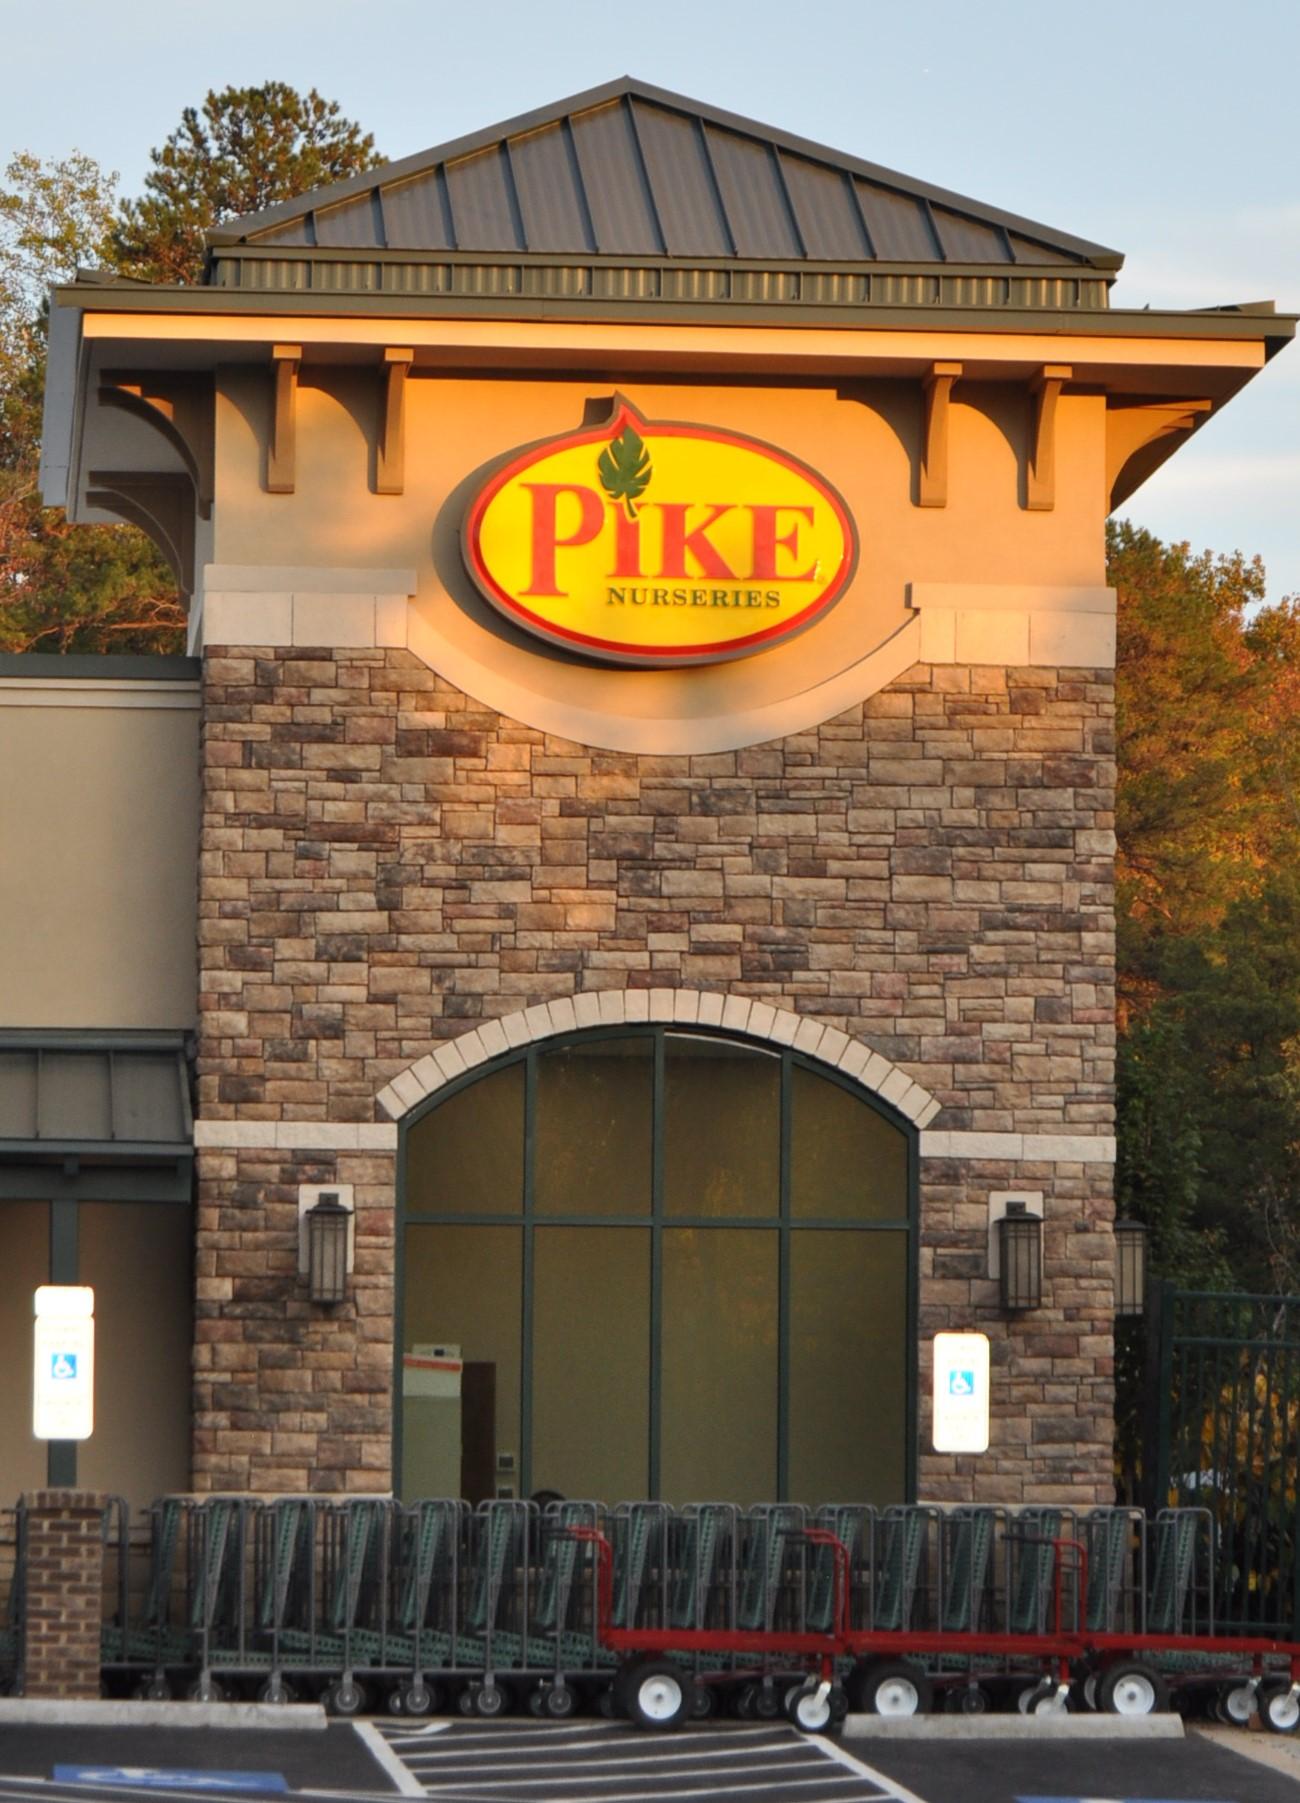 Pike Nursery